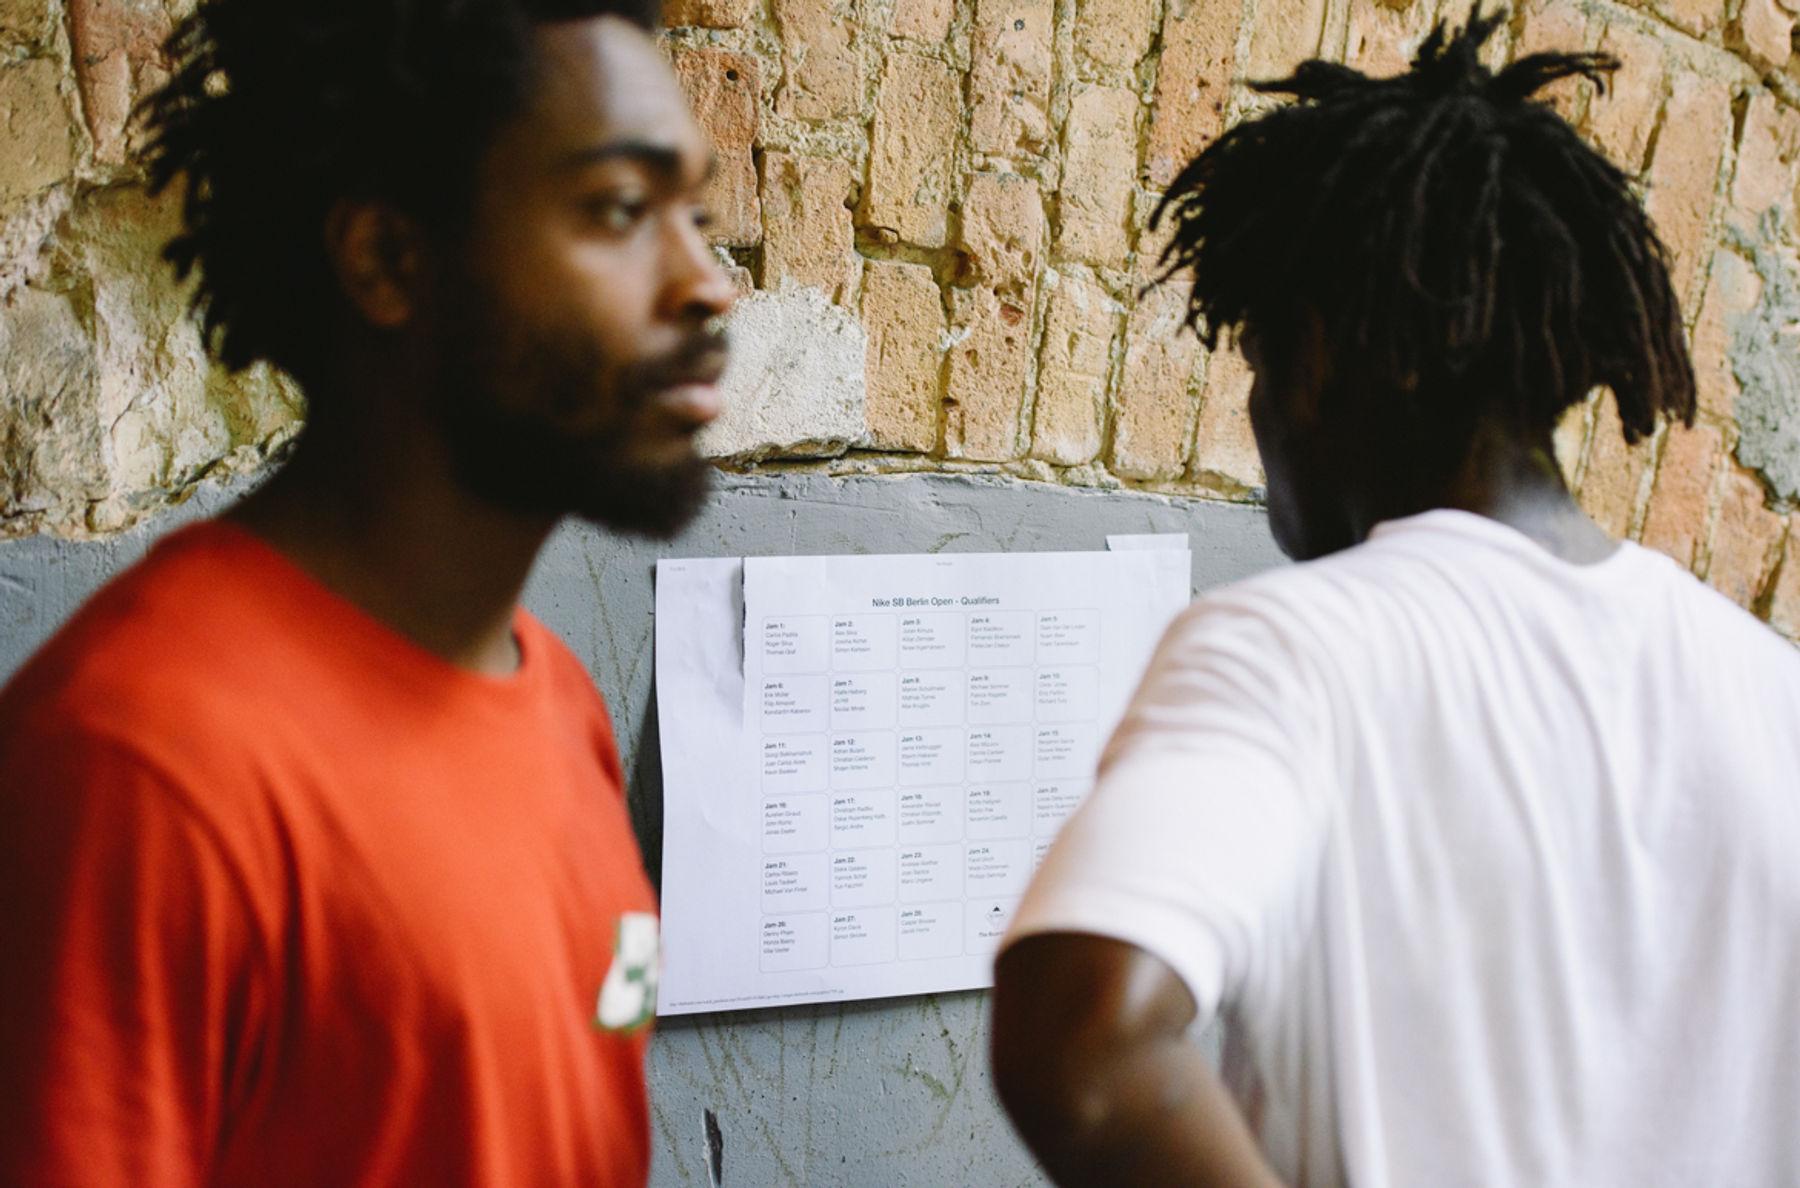 _IHC1313-Shajen-Willems-Fernando-Bramsmark-Nike-SB-Berlin-Open-Day-1-July-2015-Photographer-Maksim-Kalanep